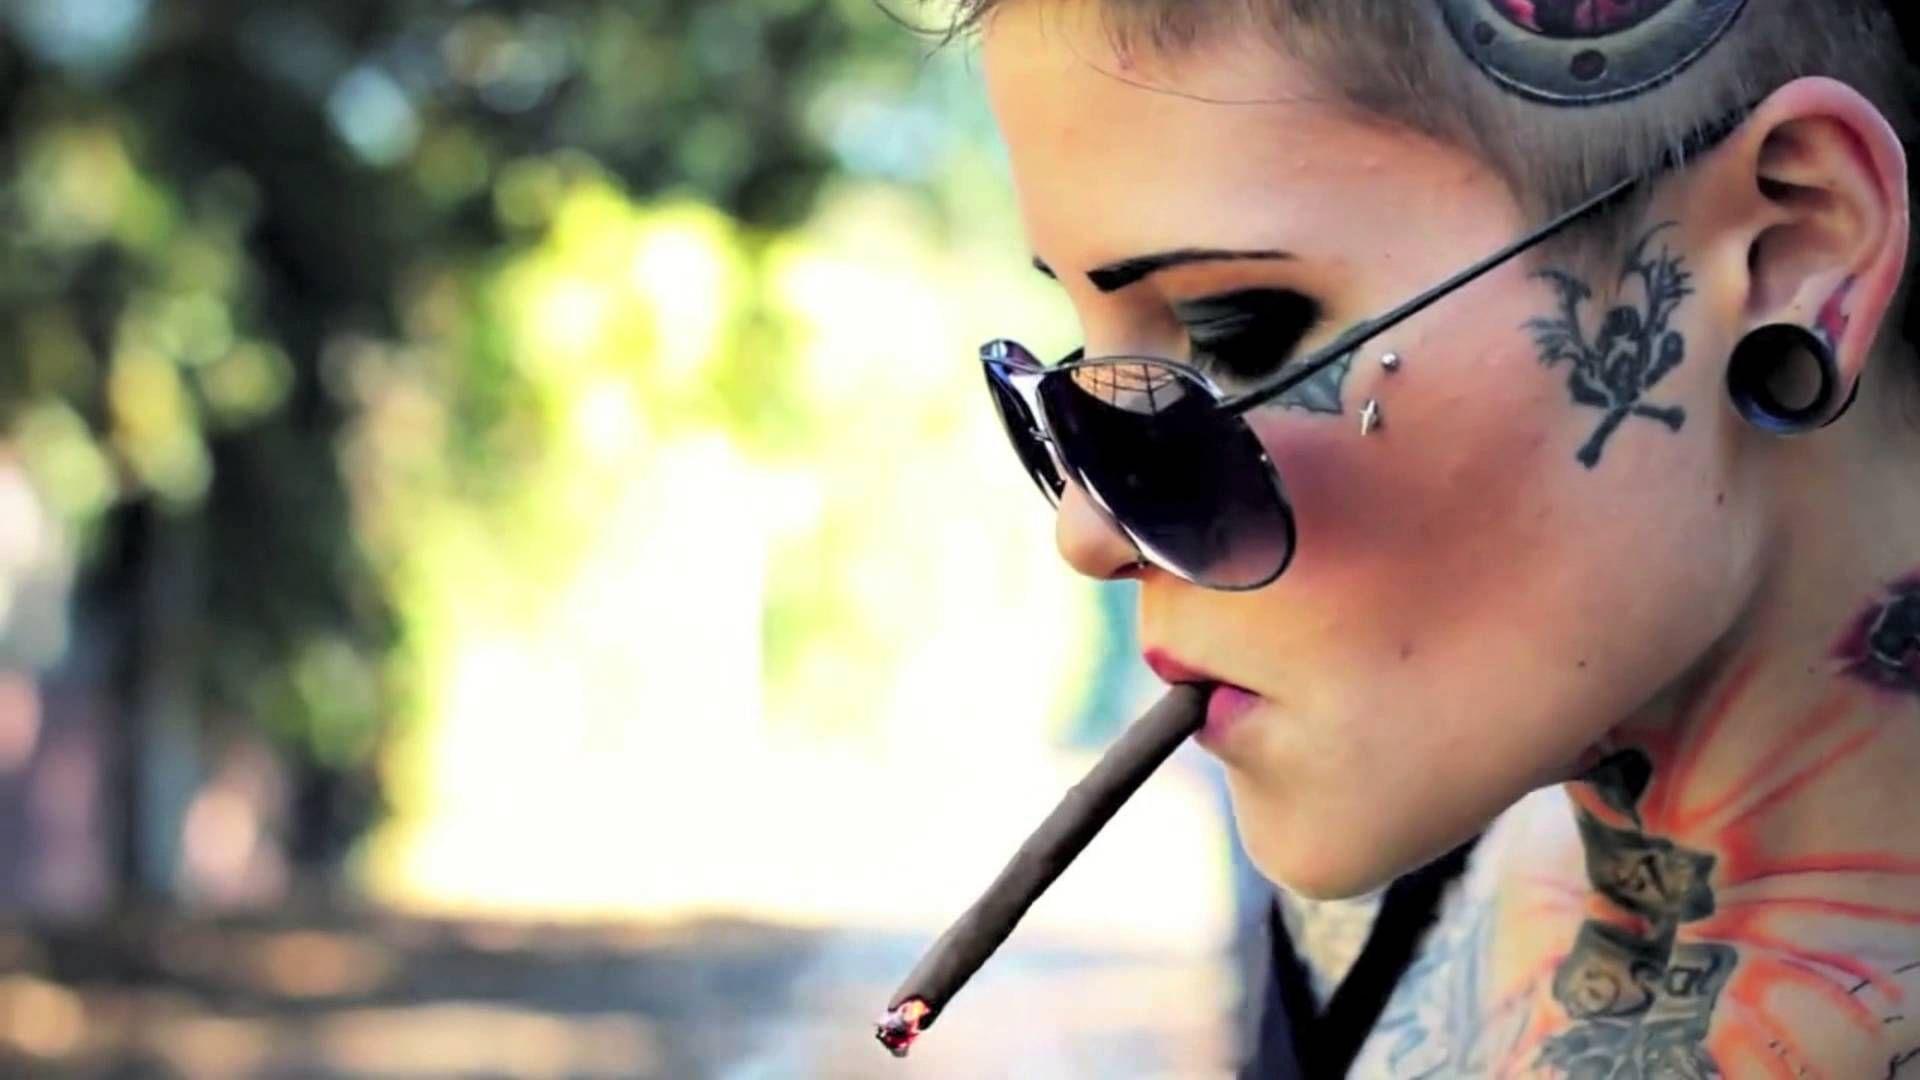 Skater Tattooed Girl - sk8 - YouTube